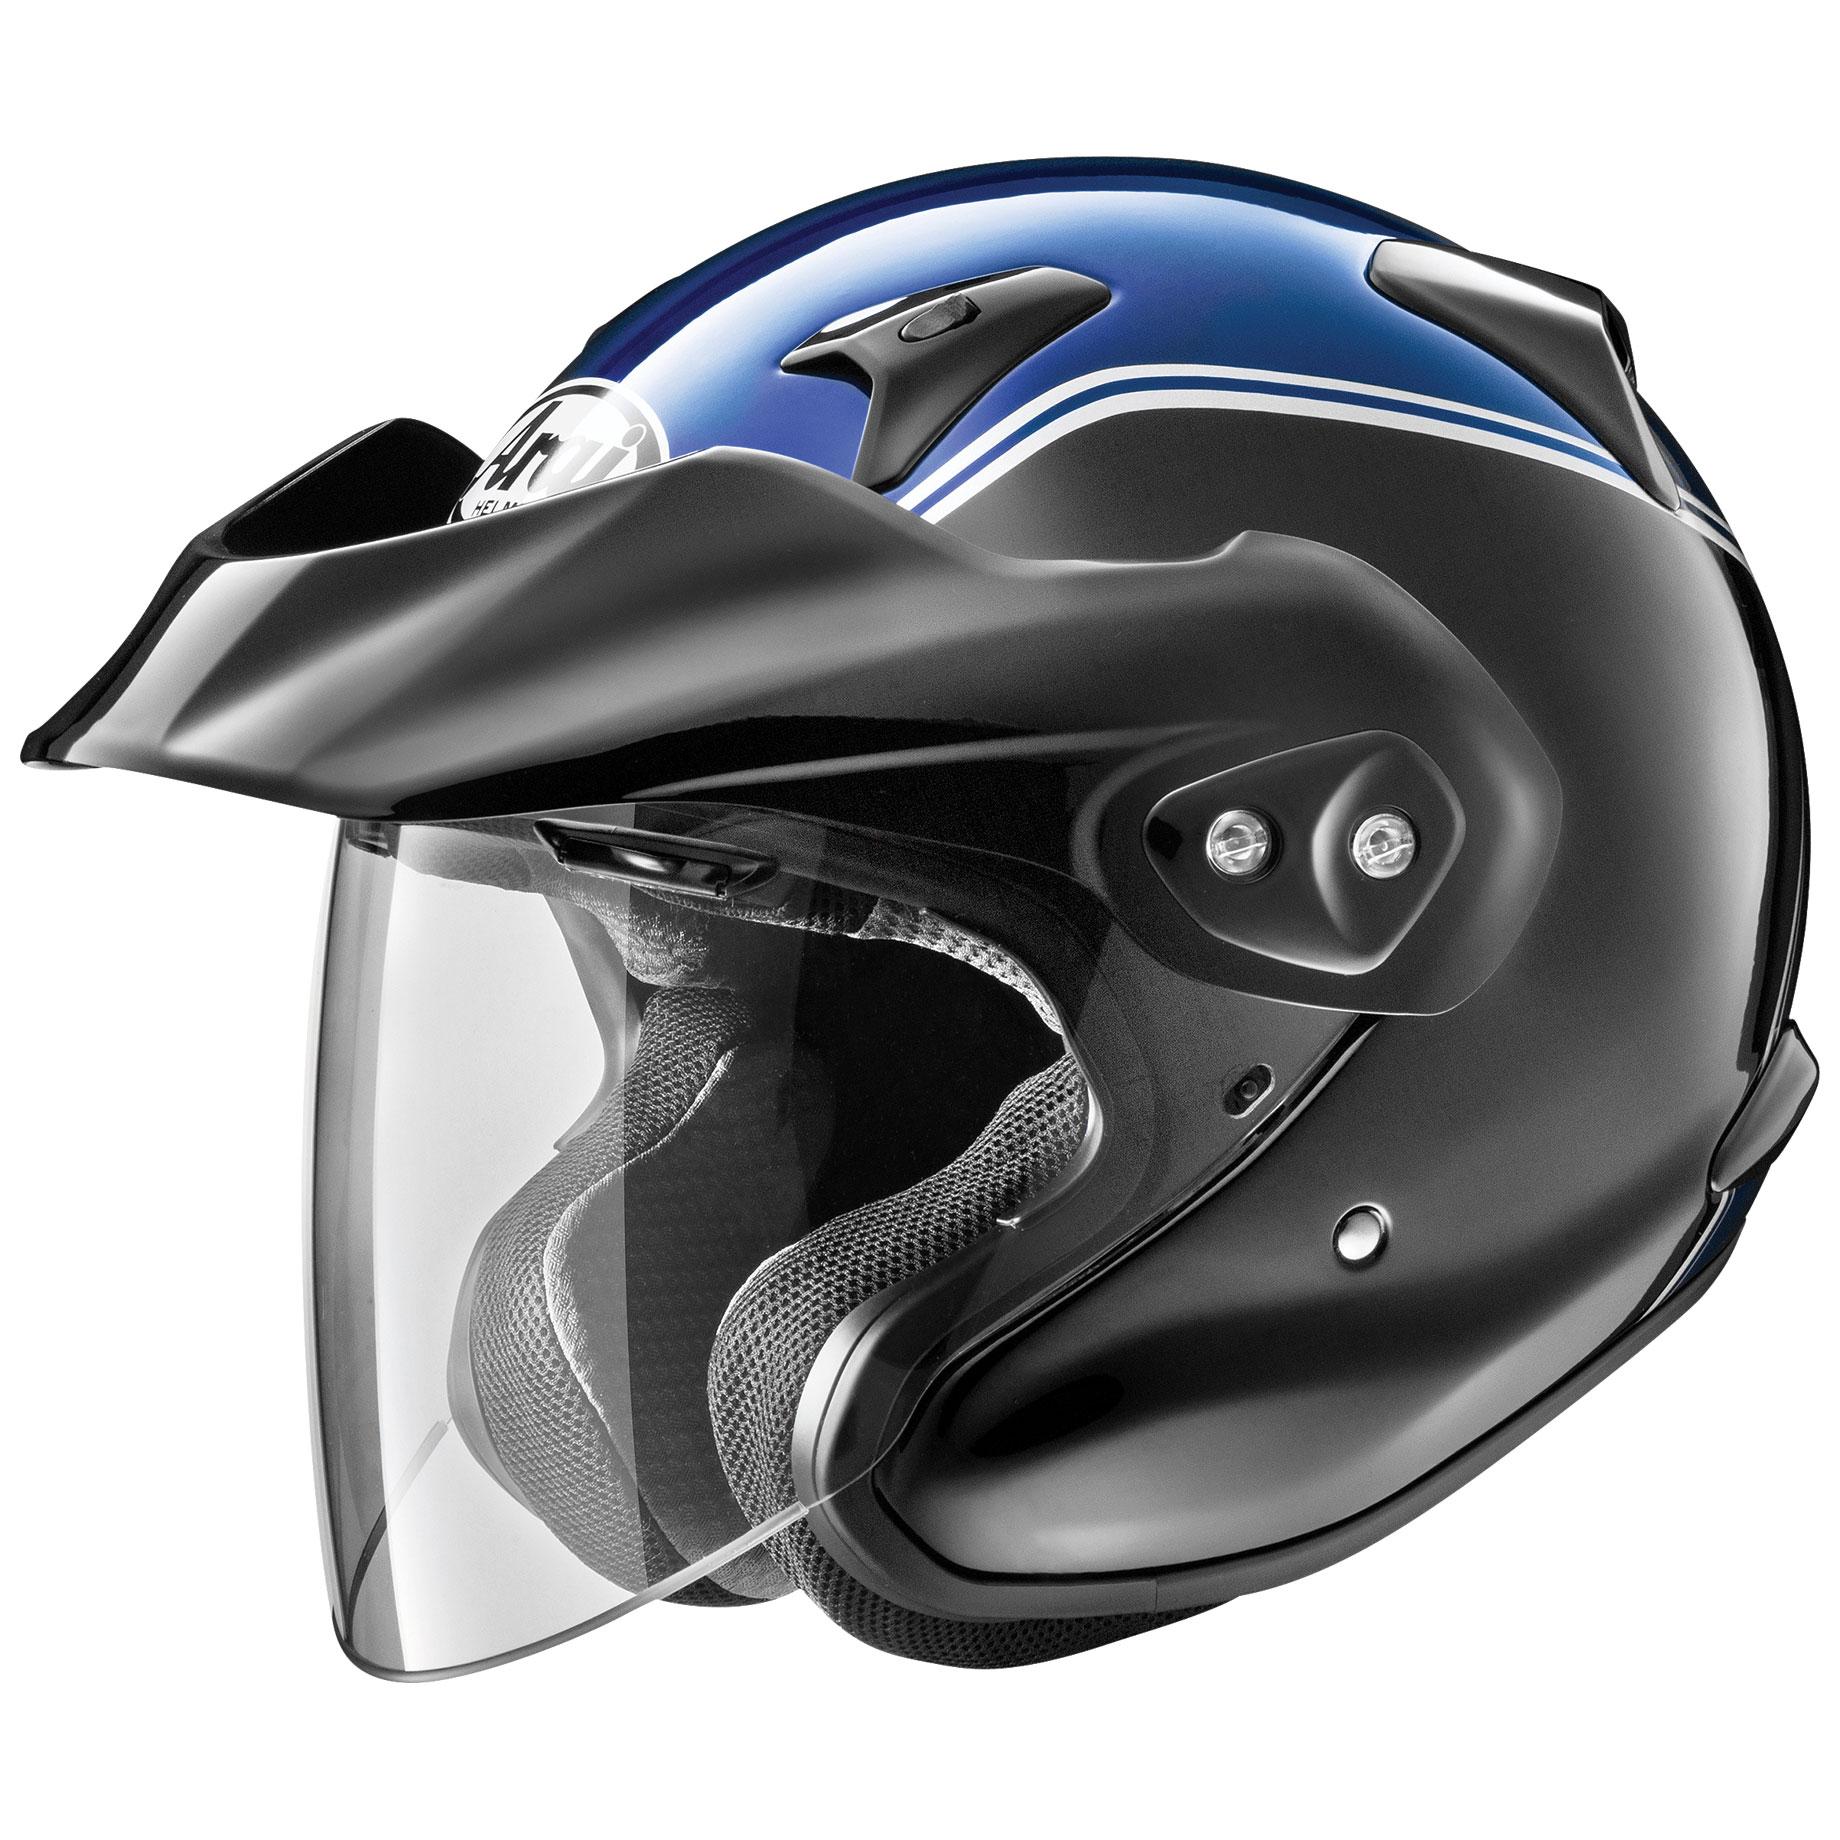 Arai XC-W Gold Wing Blue Open Face Helmet